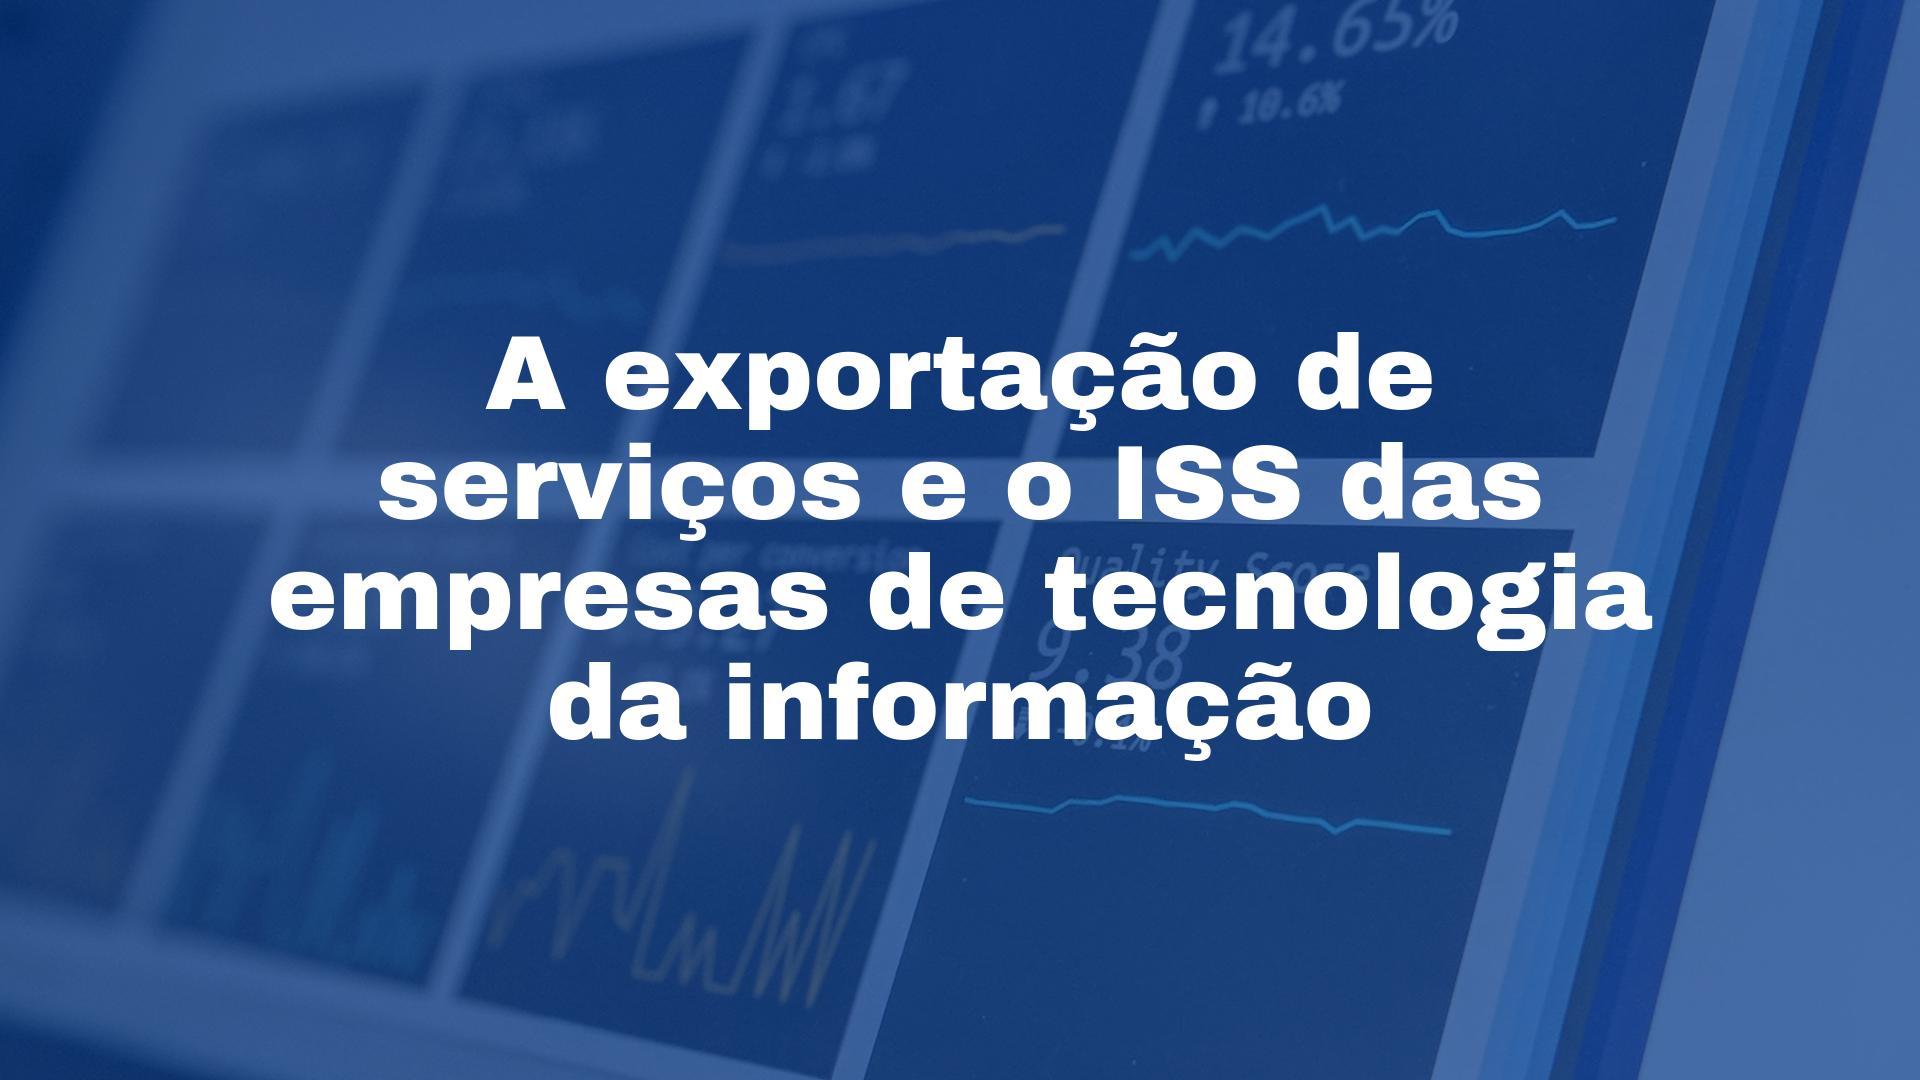 A exportação de serviços e o ISS das empresas de tecnologia da informação